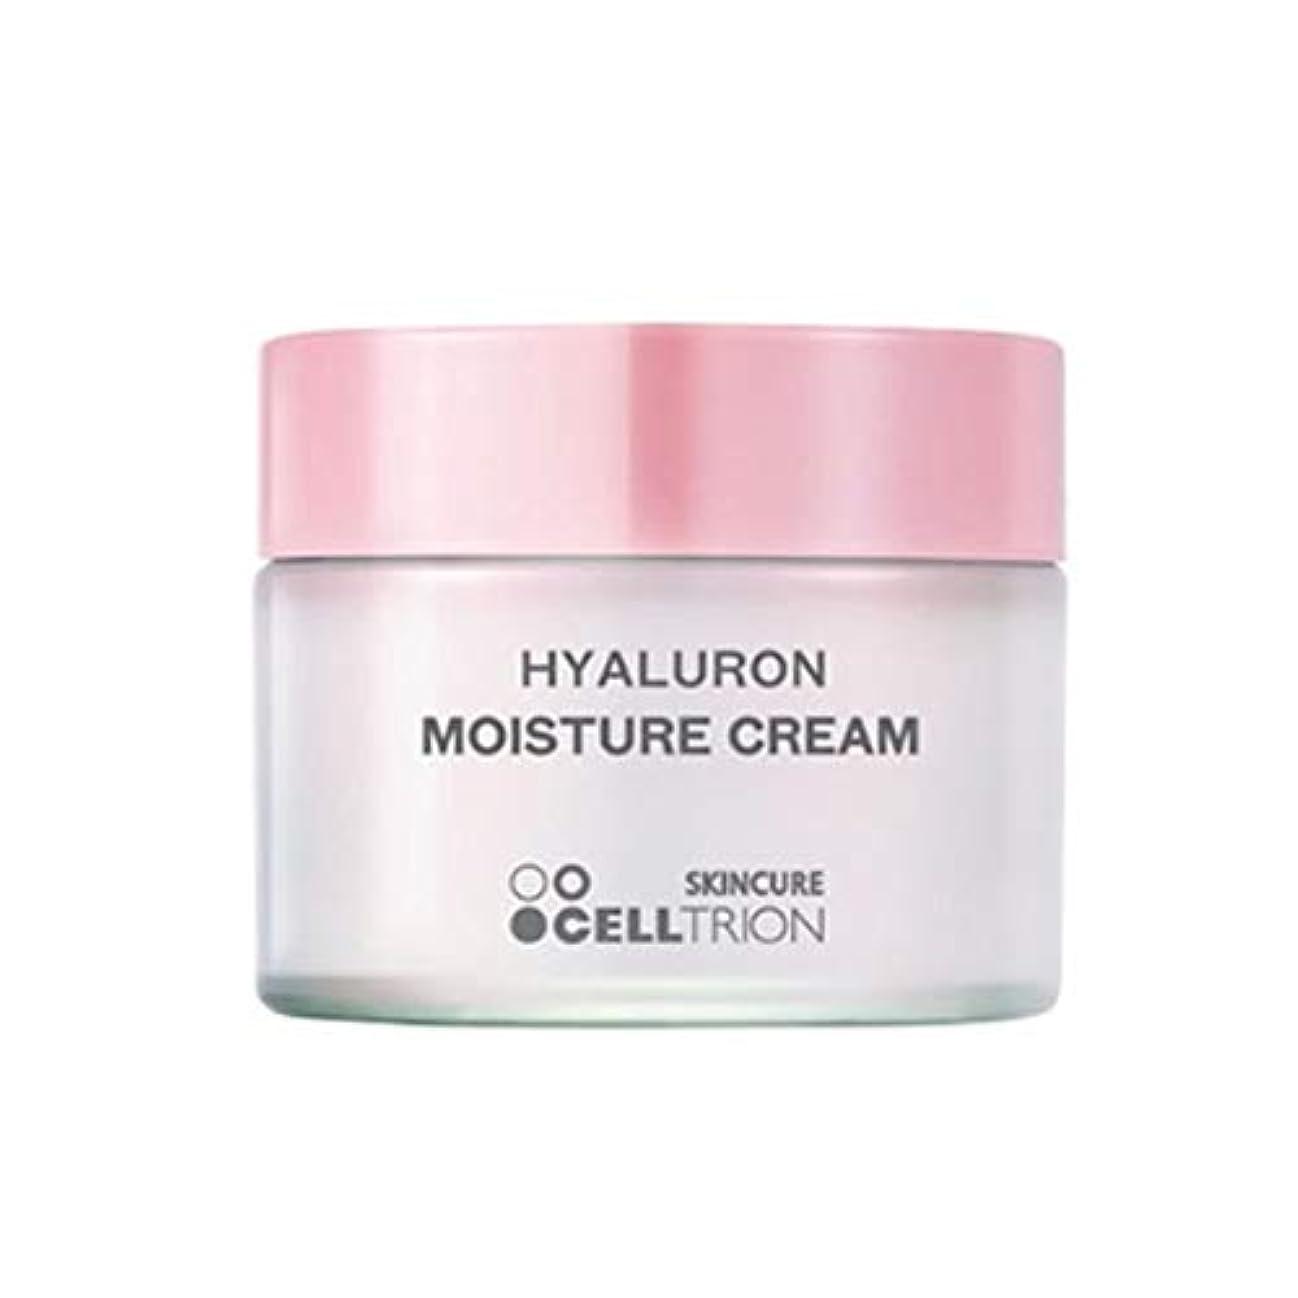 成功秘書感謝しているセルトリオンスキンキュアヒアルロンモイスチャークリーム50gしわ改善、Celltrion Skincure Hyaluron Moisture Cream 50g Anti-Wrinkle [並行輸入品]